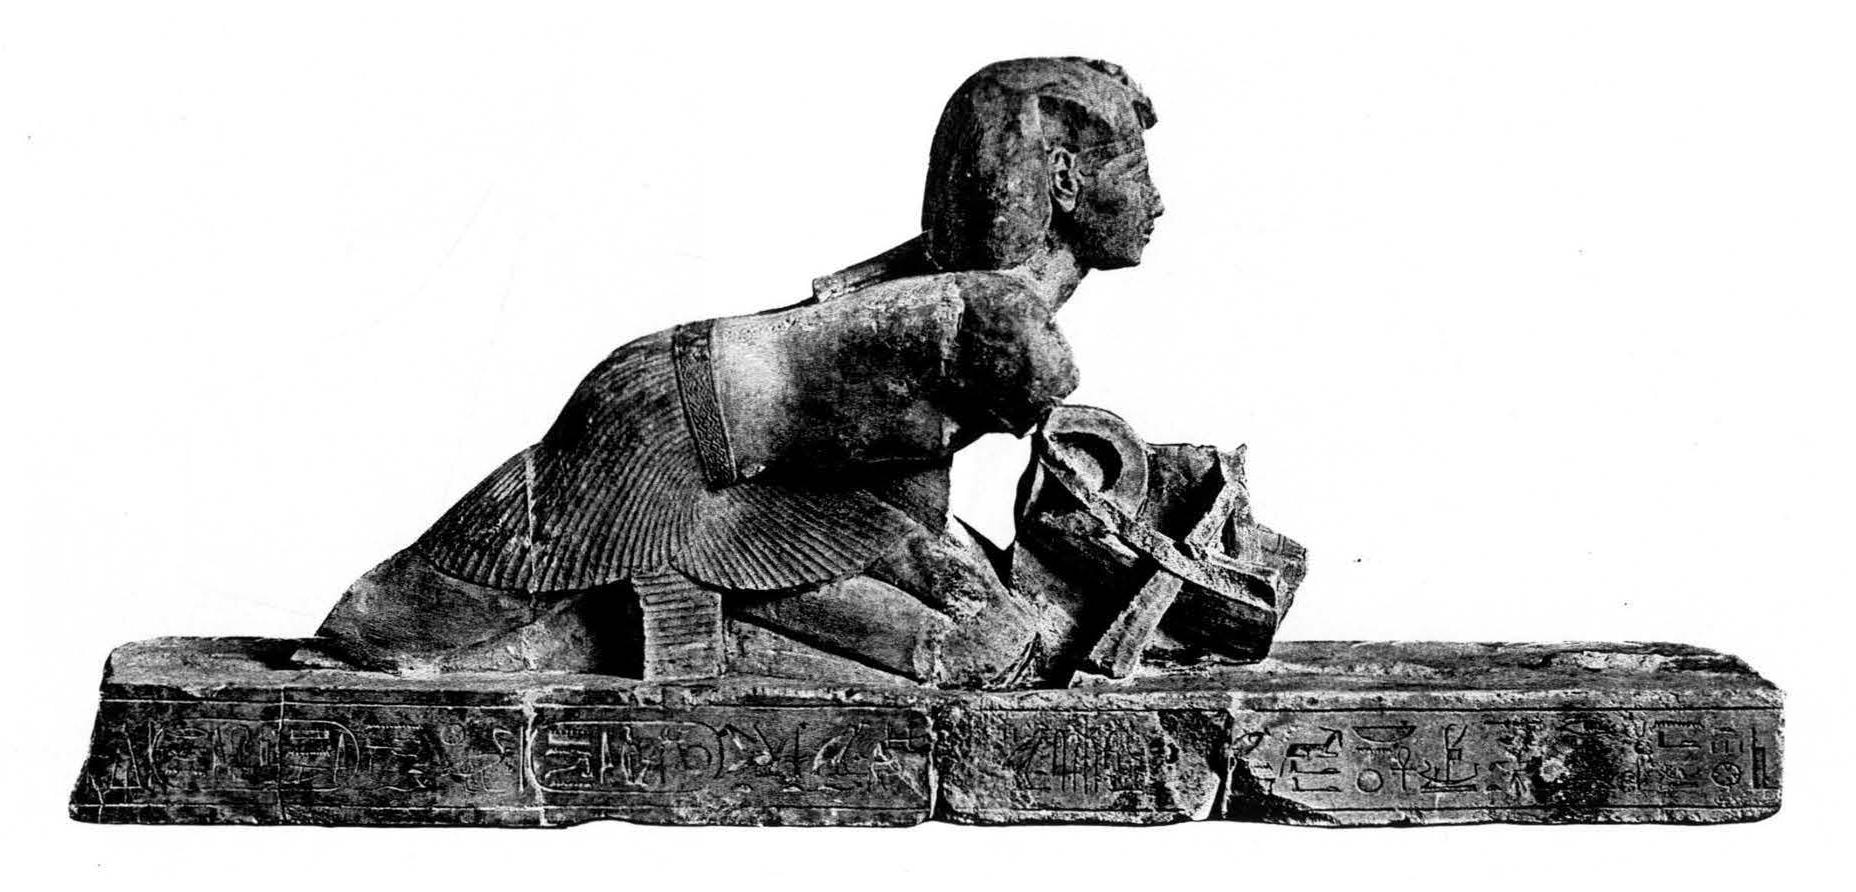 Osorkon III Statue_Osorkon_III_CG42197_Legrain